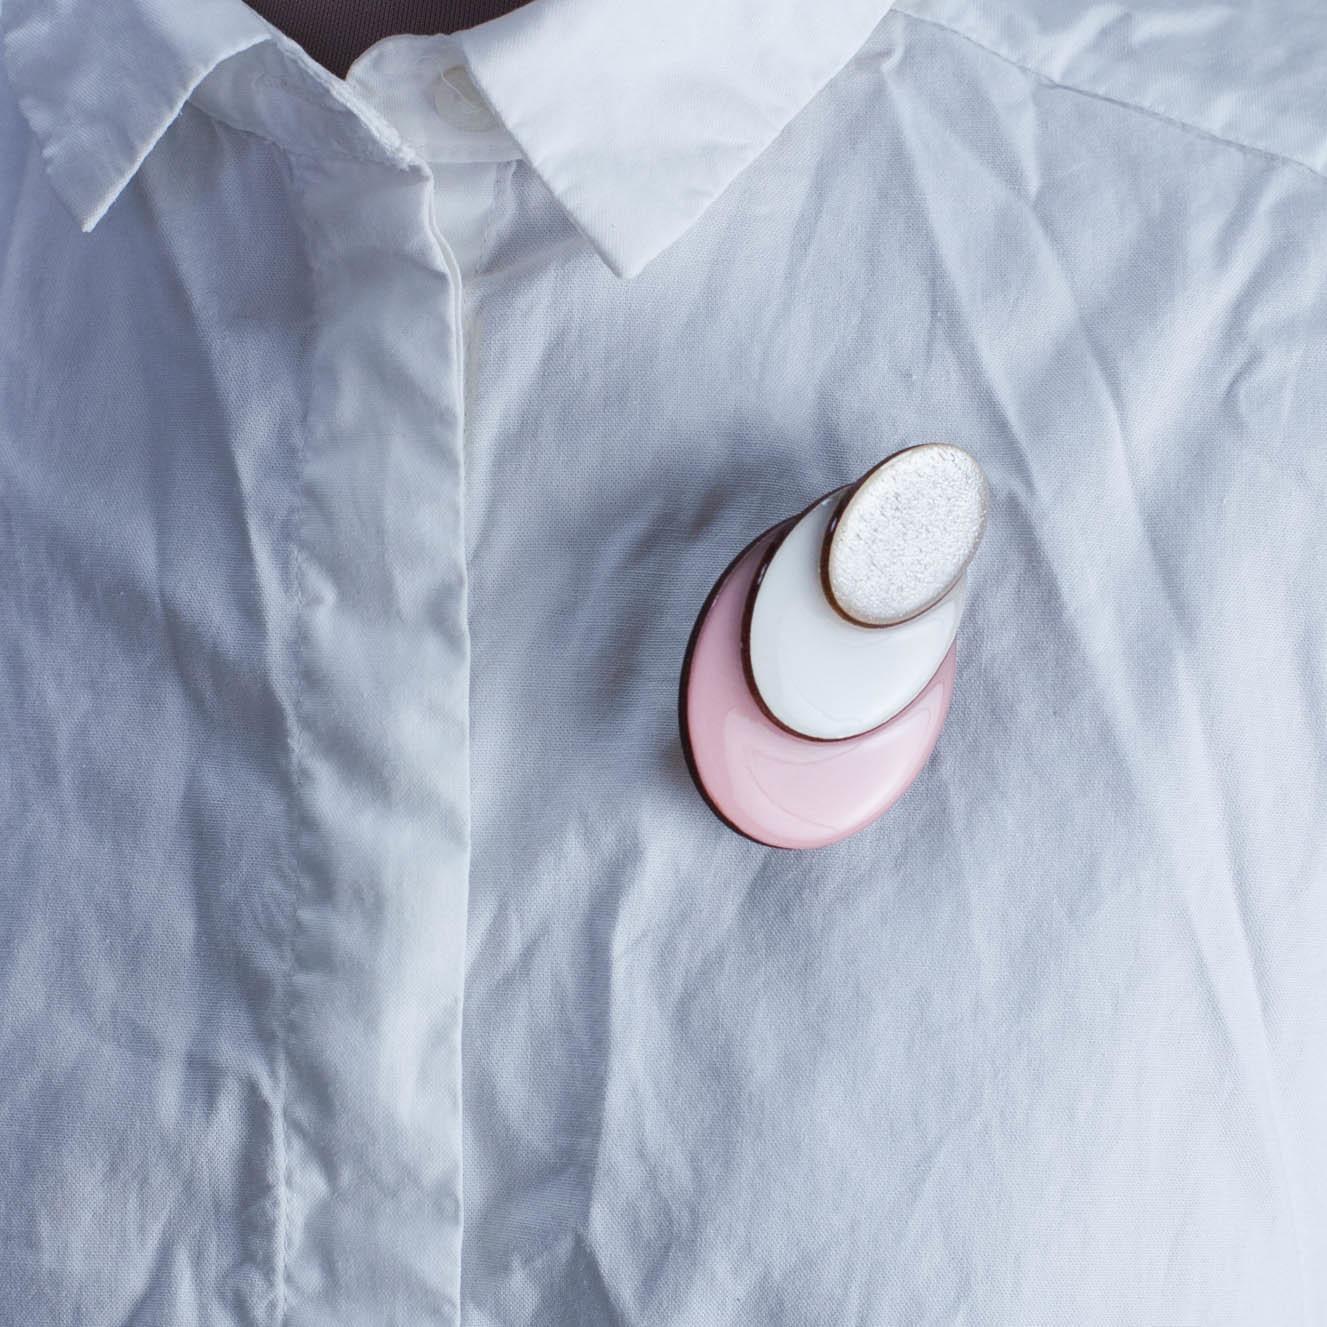 брошь розовая